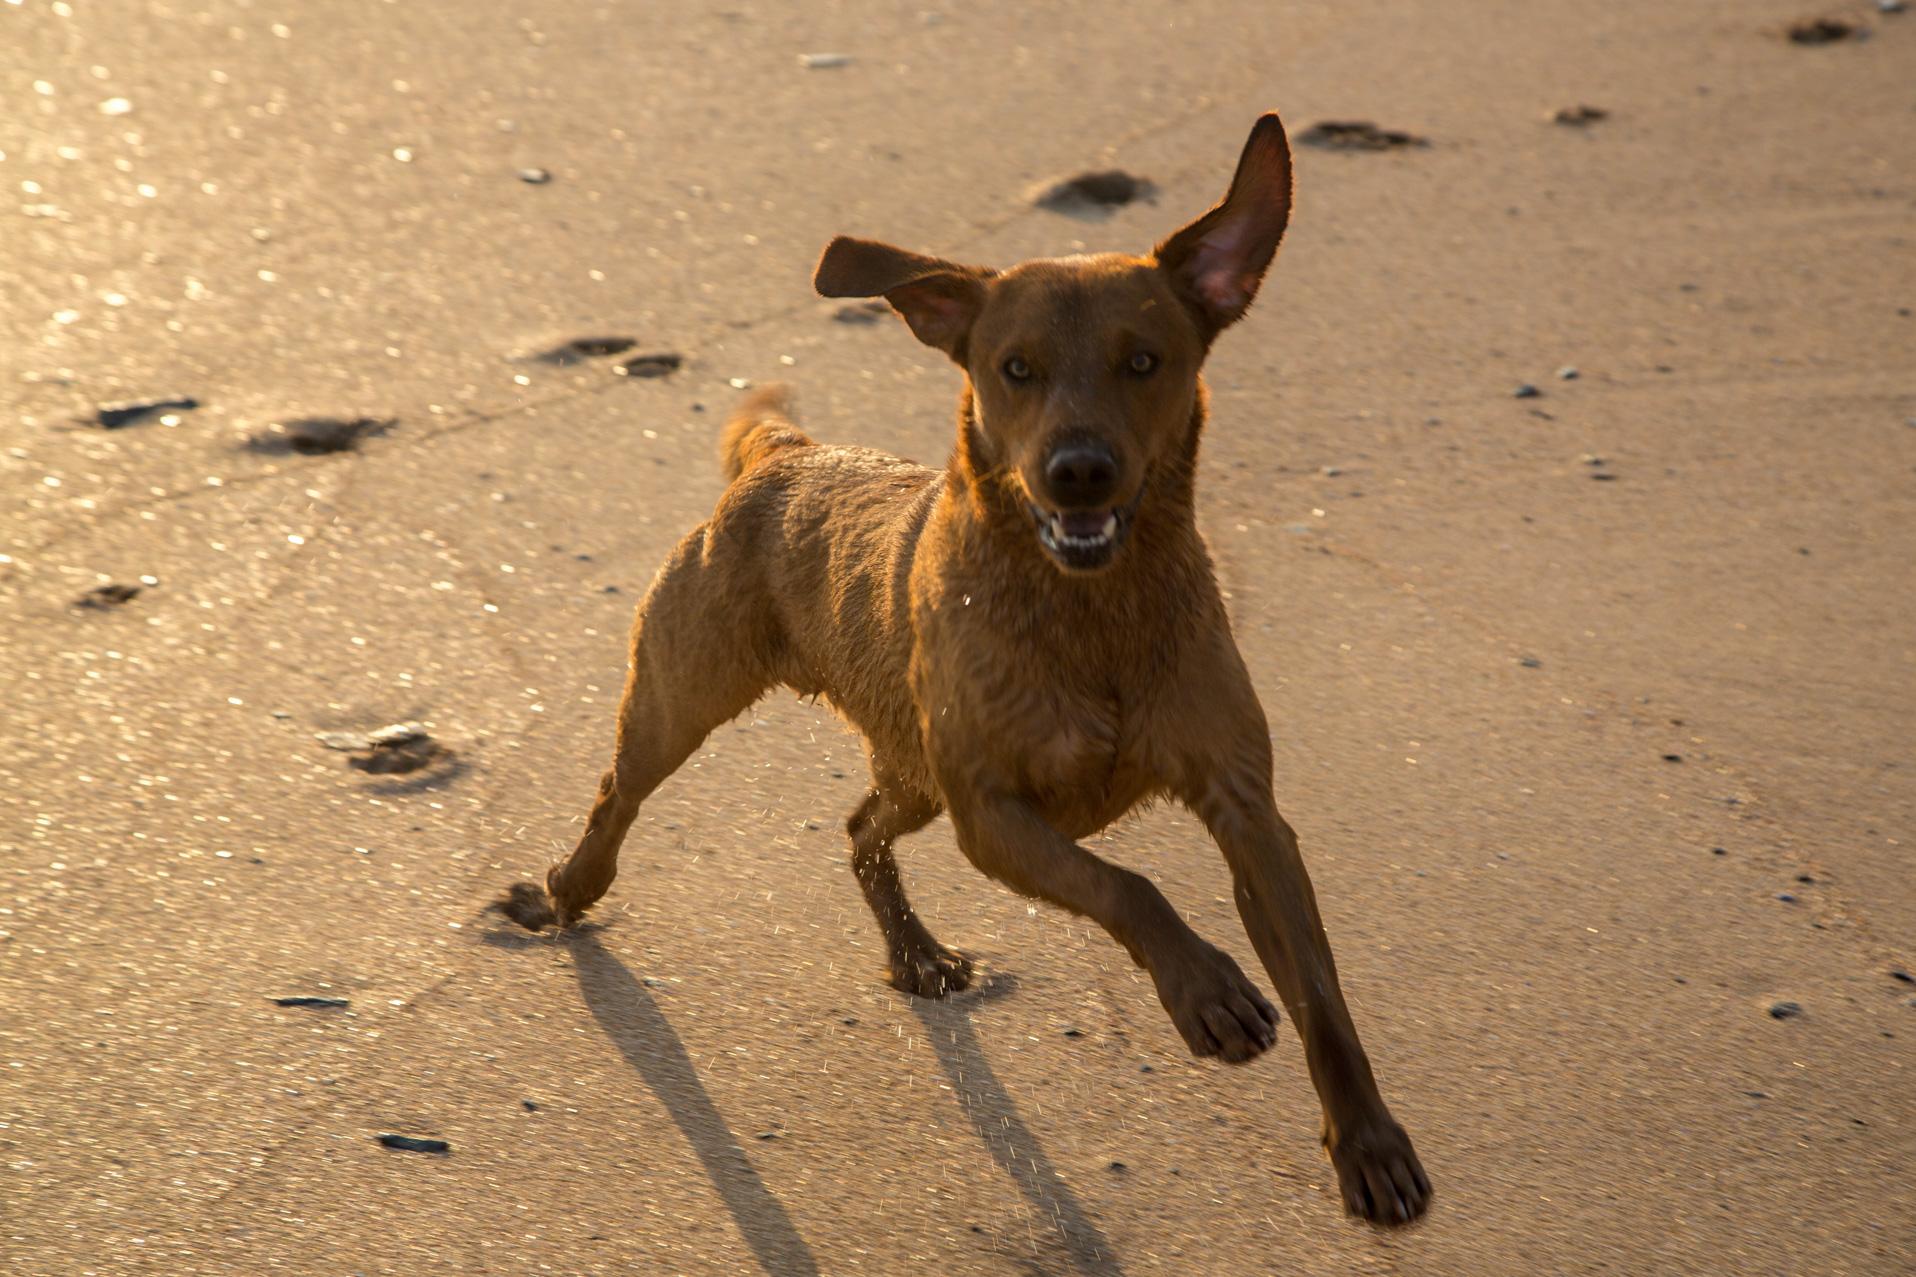 Dog on a Rock beach